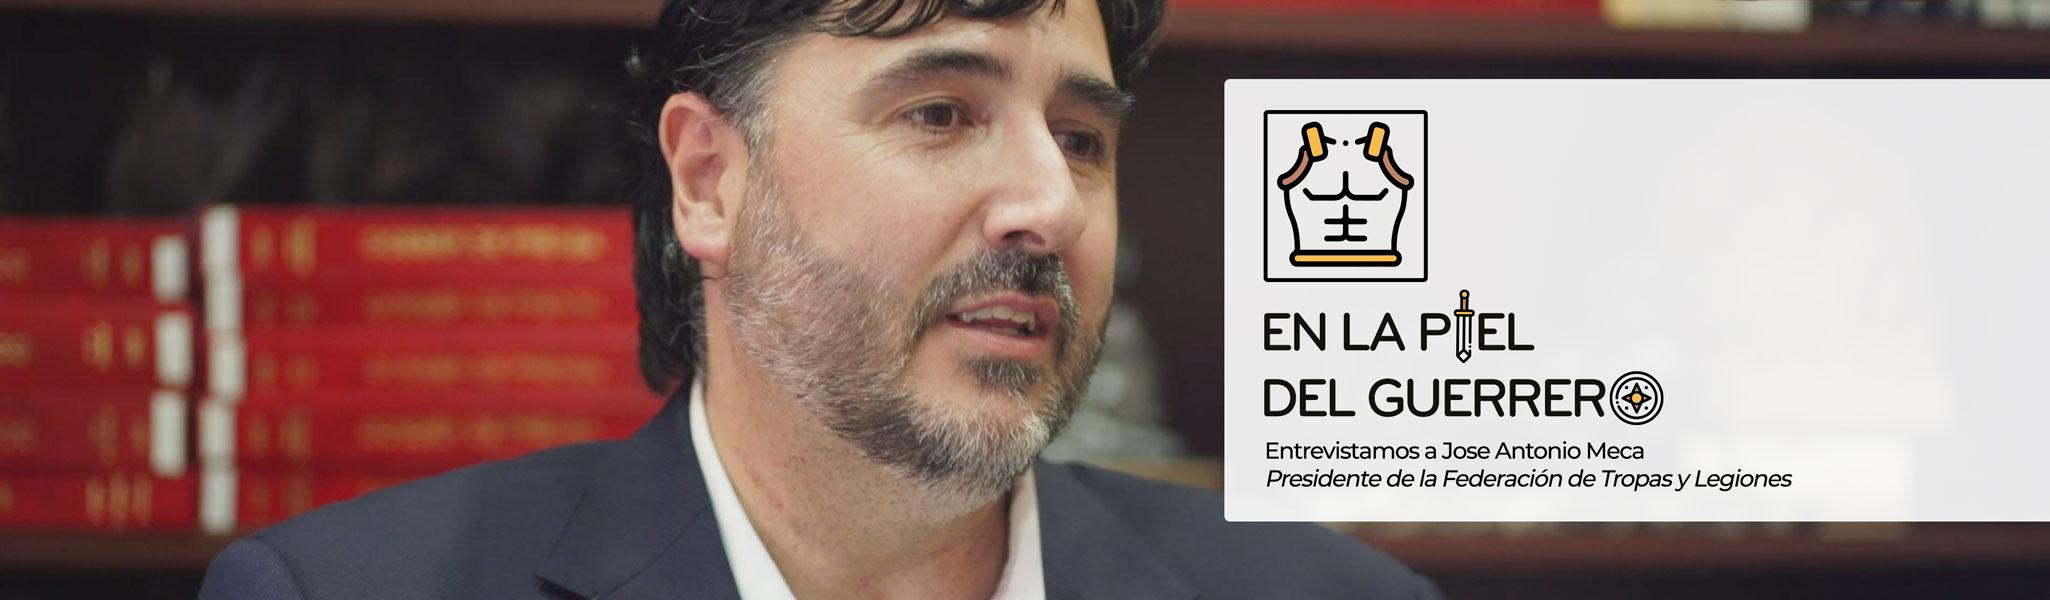 En La Piel del Guerrero - Jose Antonio Meca - Presidente de la Federación de Tropa y Legiones